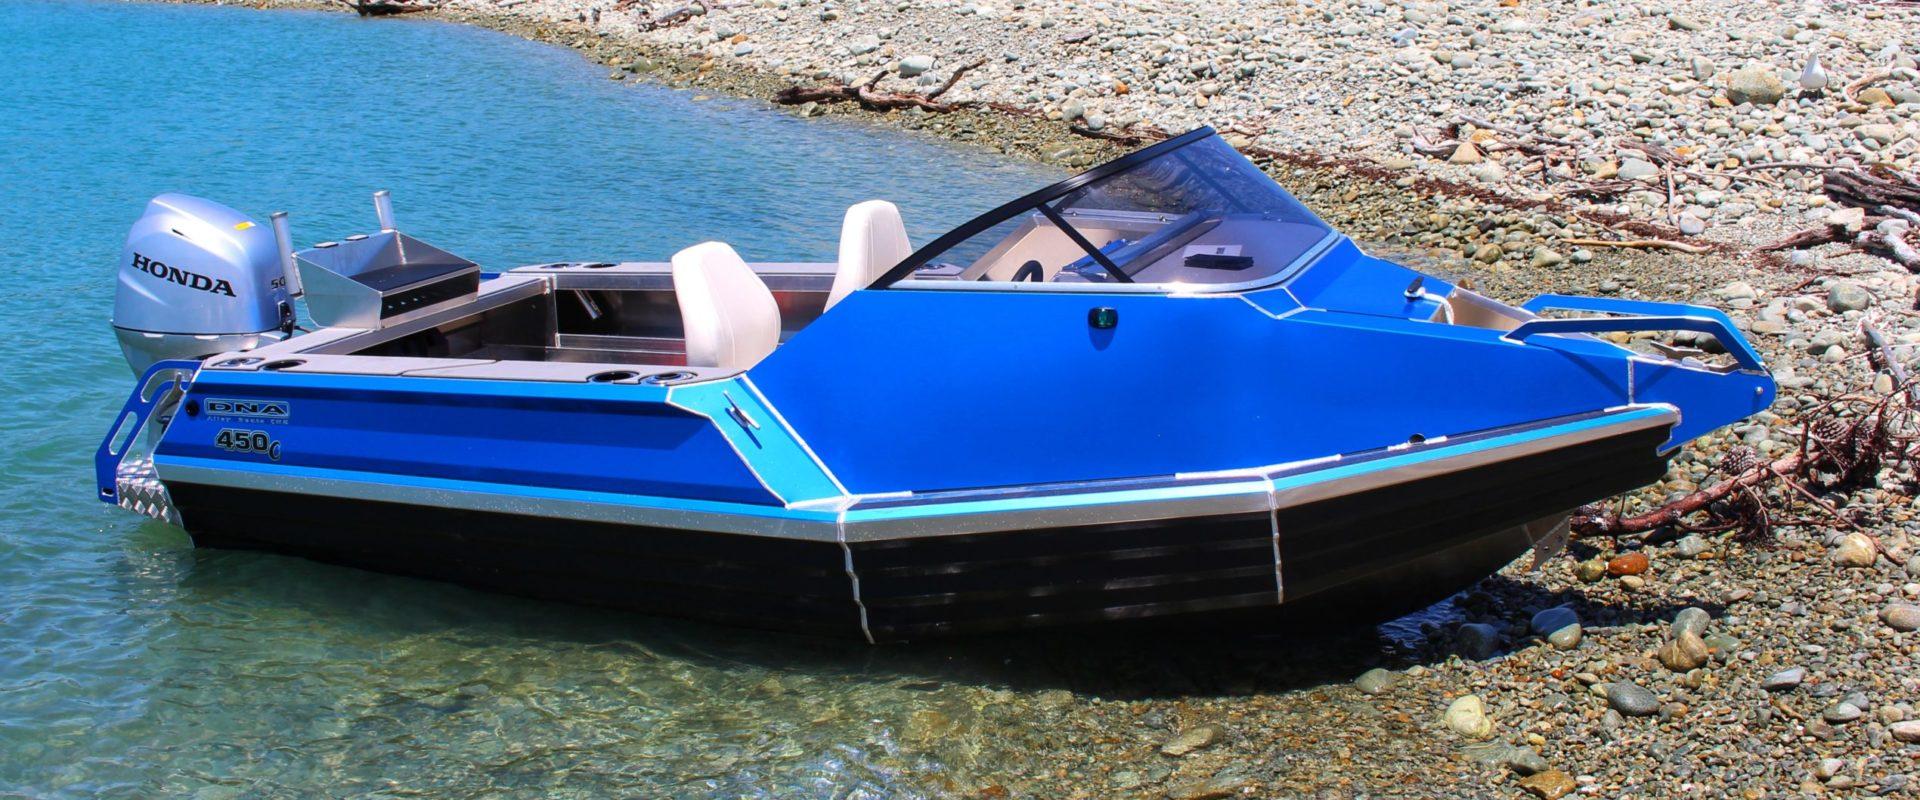 DNA Boats 450C - Rodeney Marine